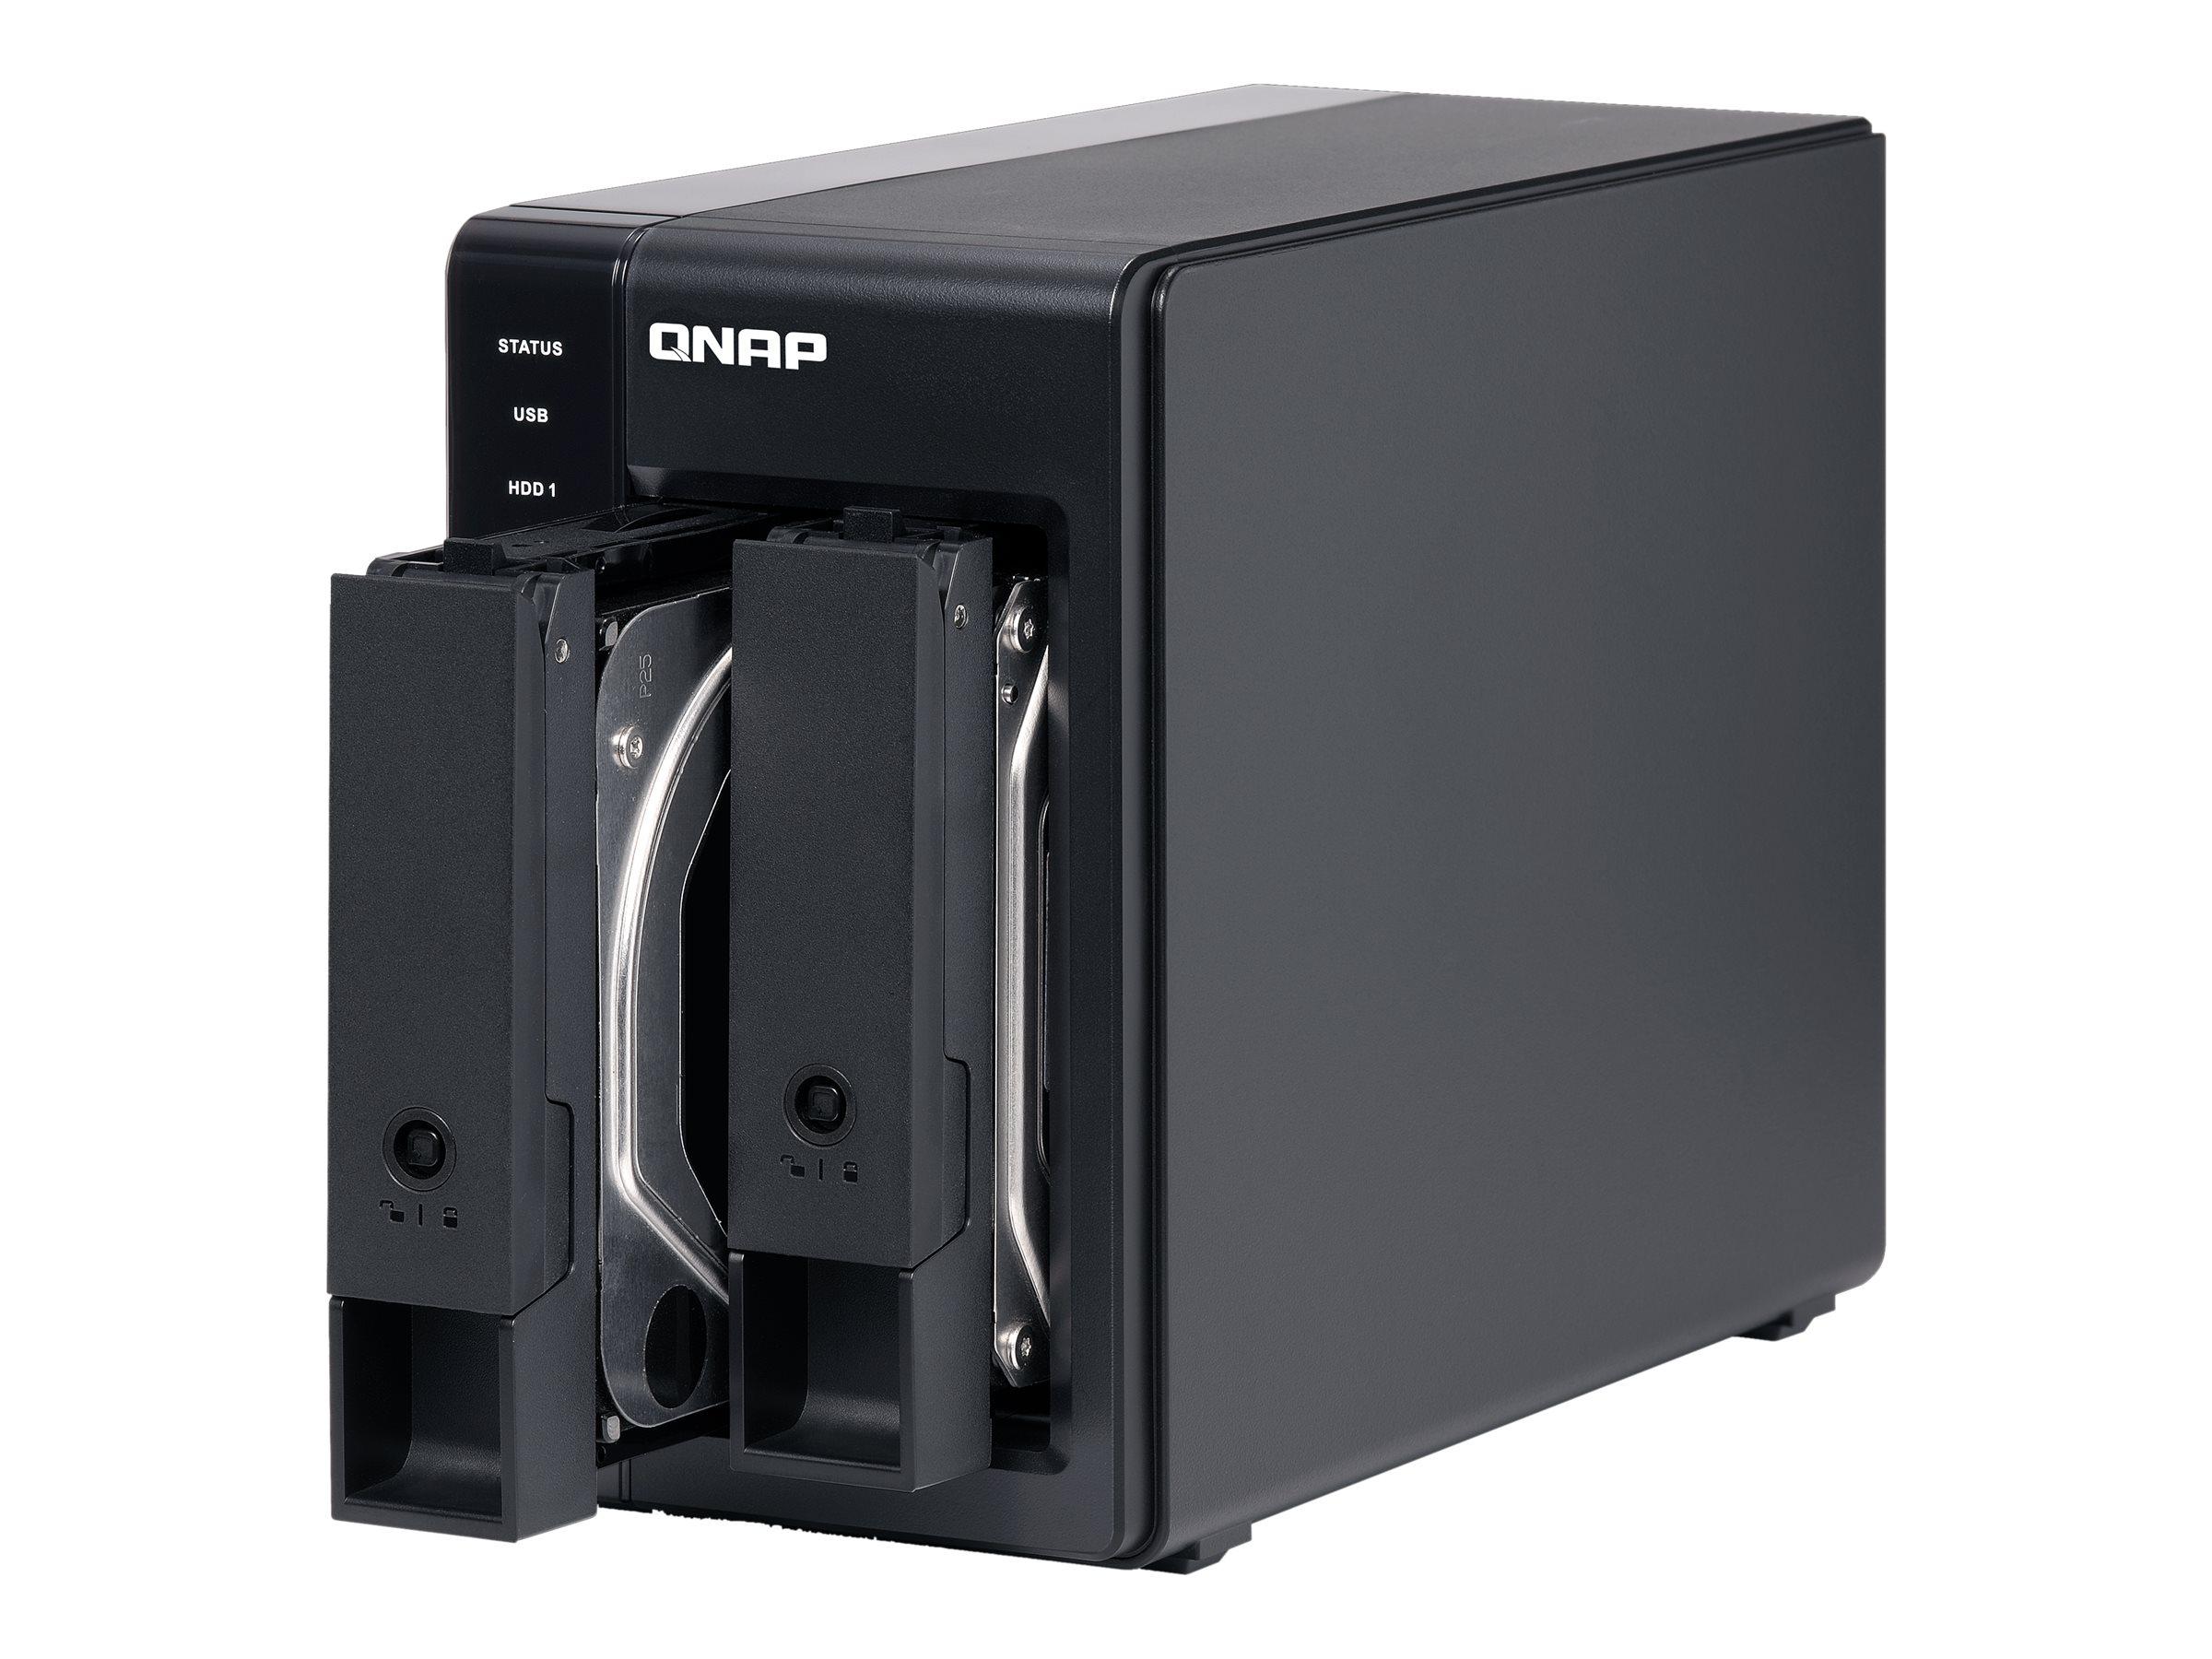 QNAP TR-002 - Festplatten-Array - 2 Schächte (SATA-600) - USB 3.1 Gen 2 (extern)